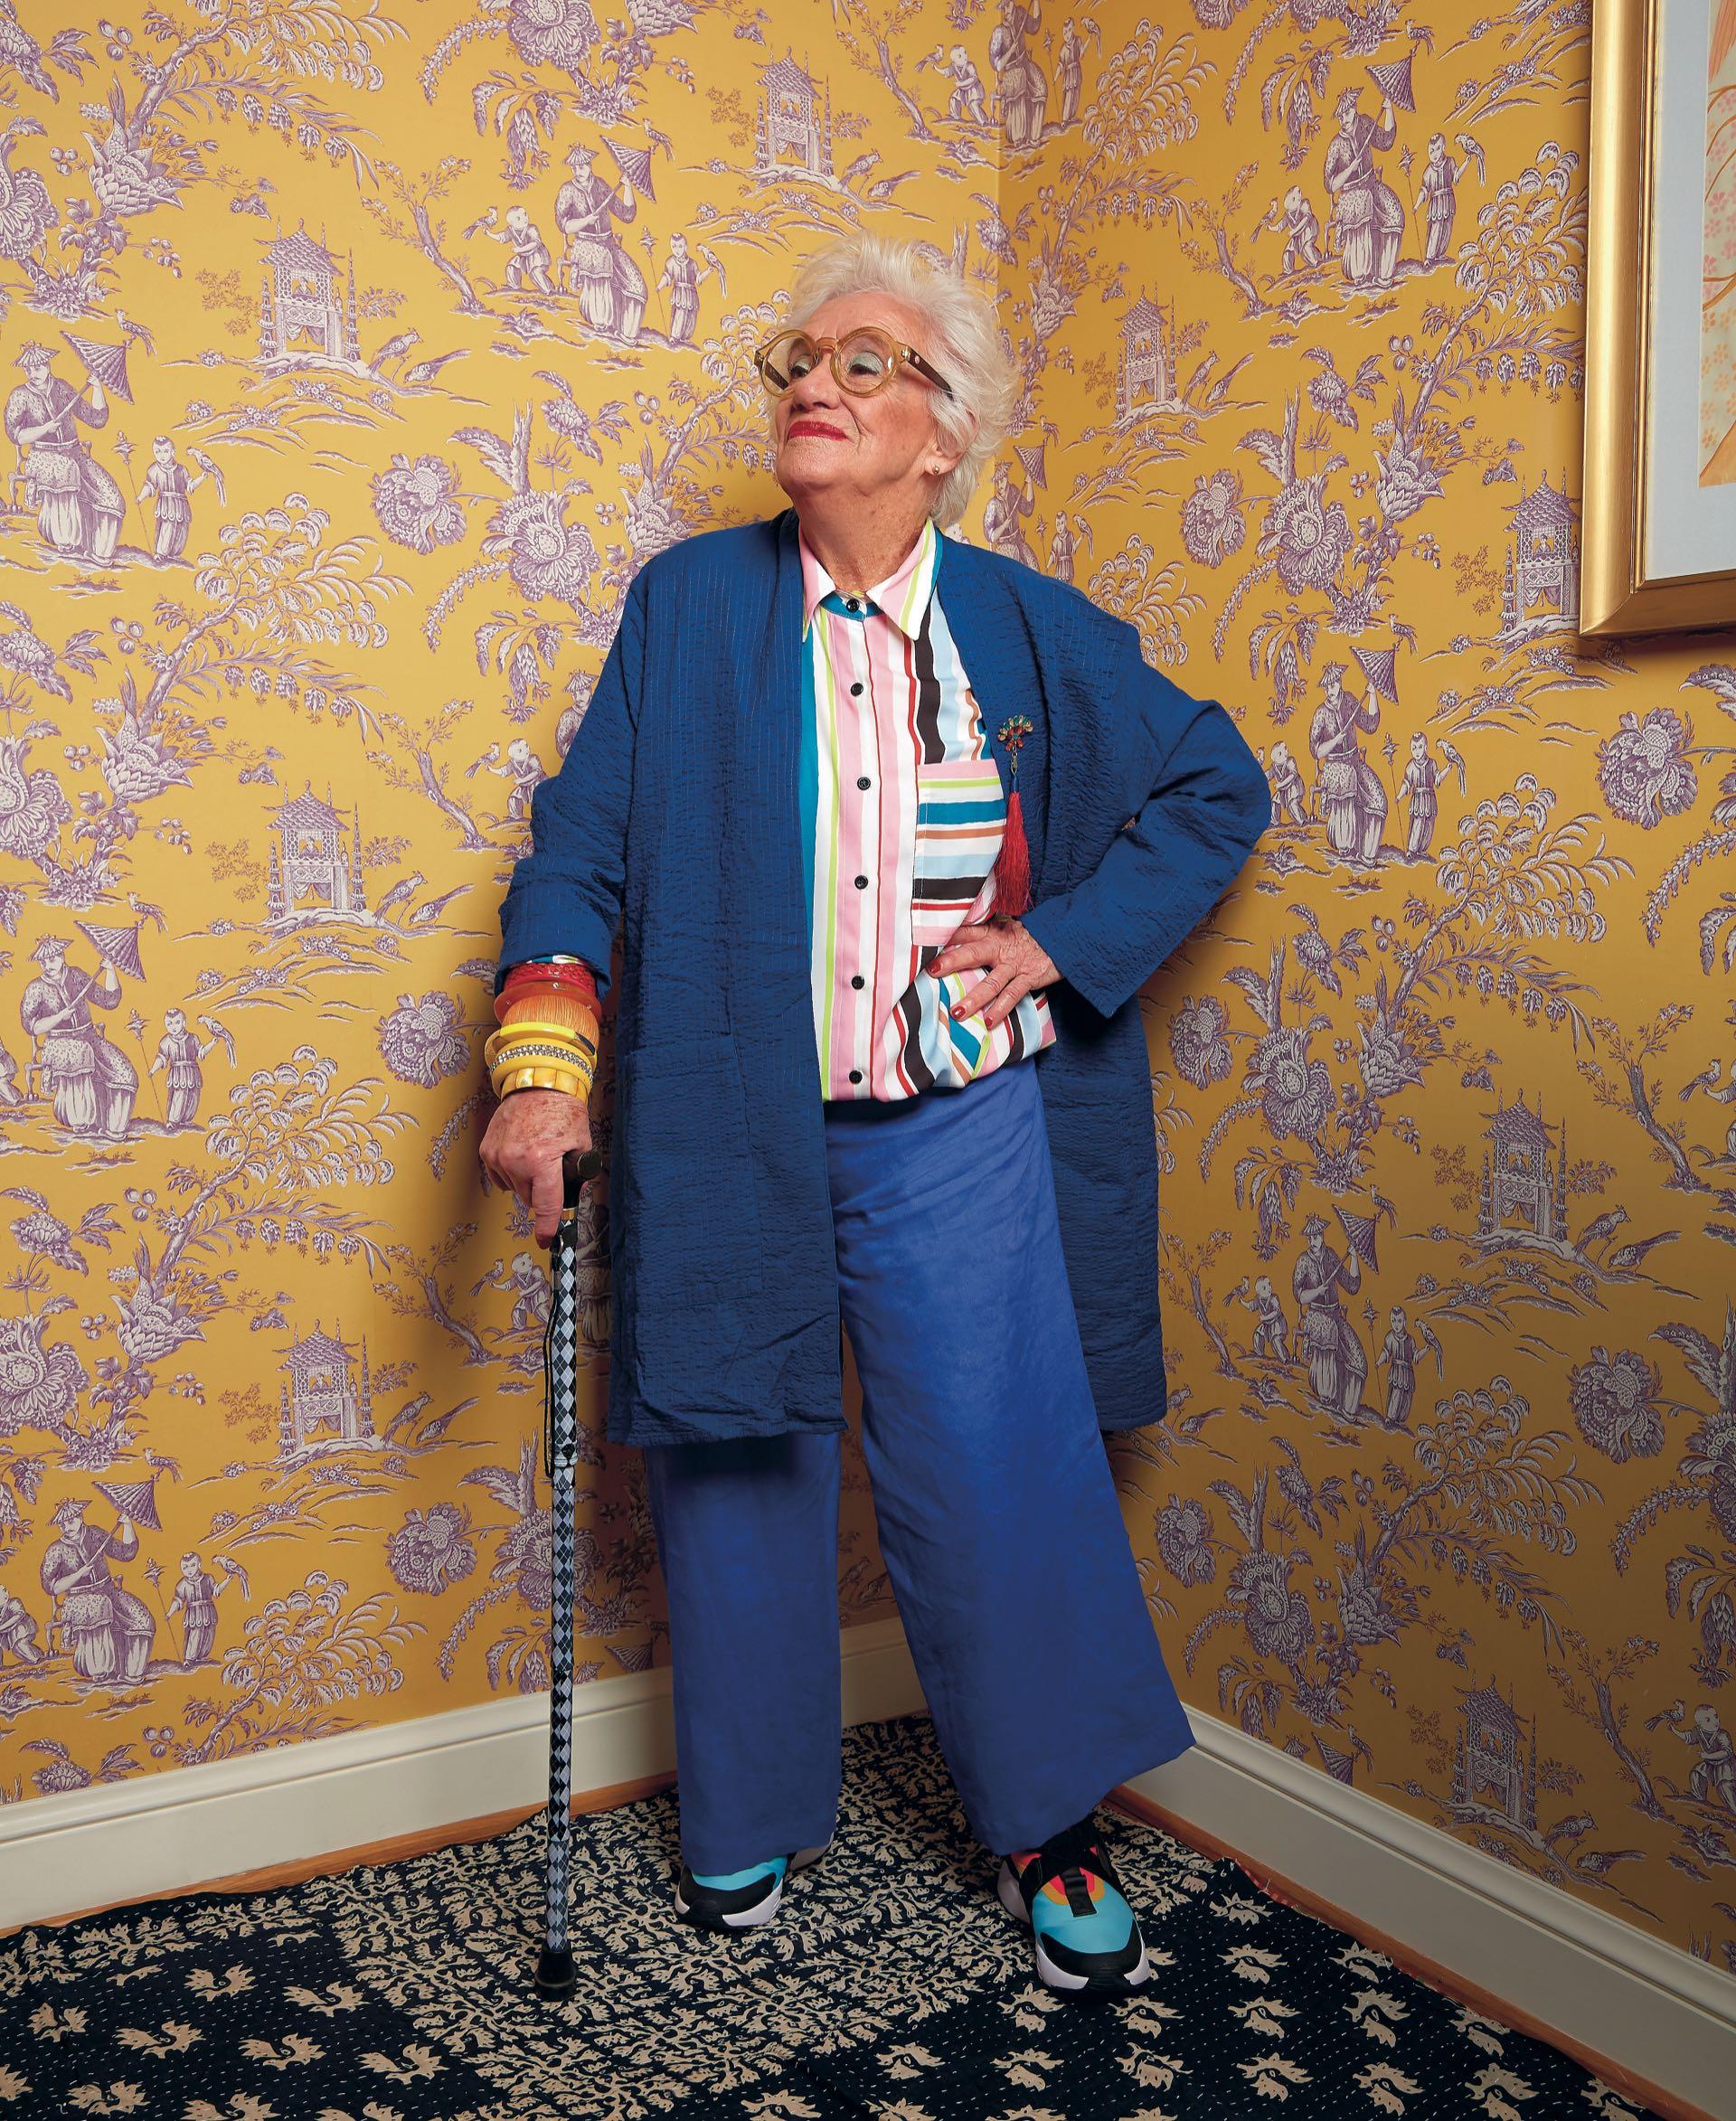 Camisa rayada ($ 2.980, Kosiuko), kimono con prendedor ($ 4.900 Rapsodia), pantalón de lino ($ 4.500, Mónica Socolovsky para Sathya), zapatillas botitas multicolor ($ 3.299, Nike) y anteojos redondos ($ 2.390, Infinit).(Foto: Marcello Molinari/ Para Ti)